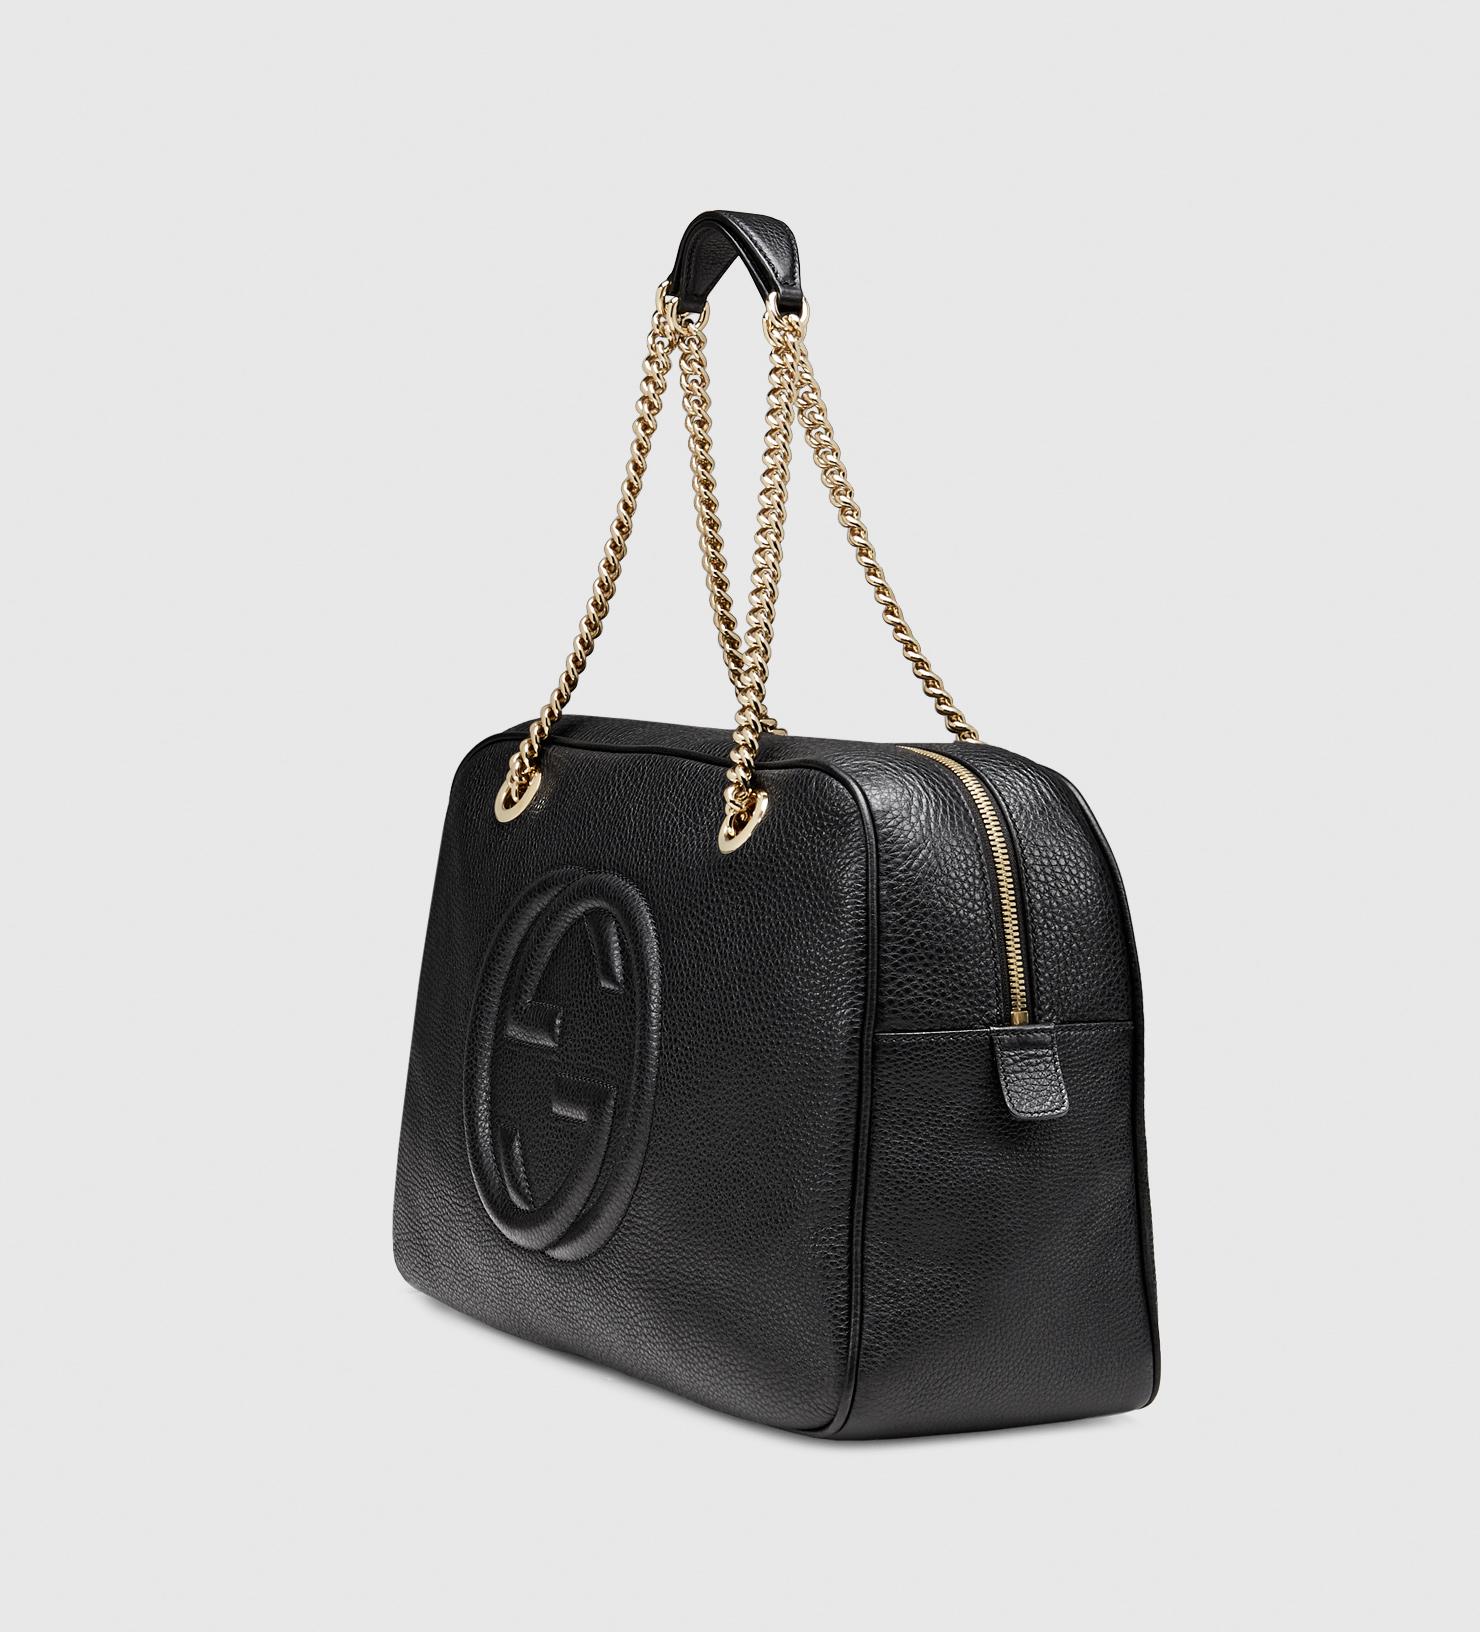 Gucci Soho Leather Shoulder Bag in Black - Lyst